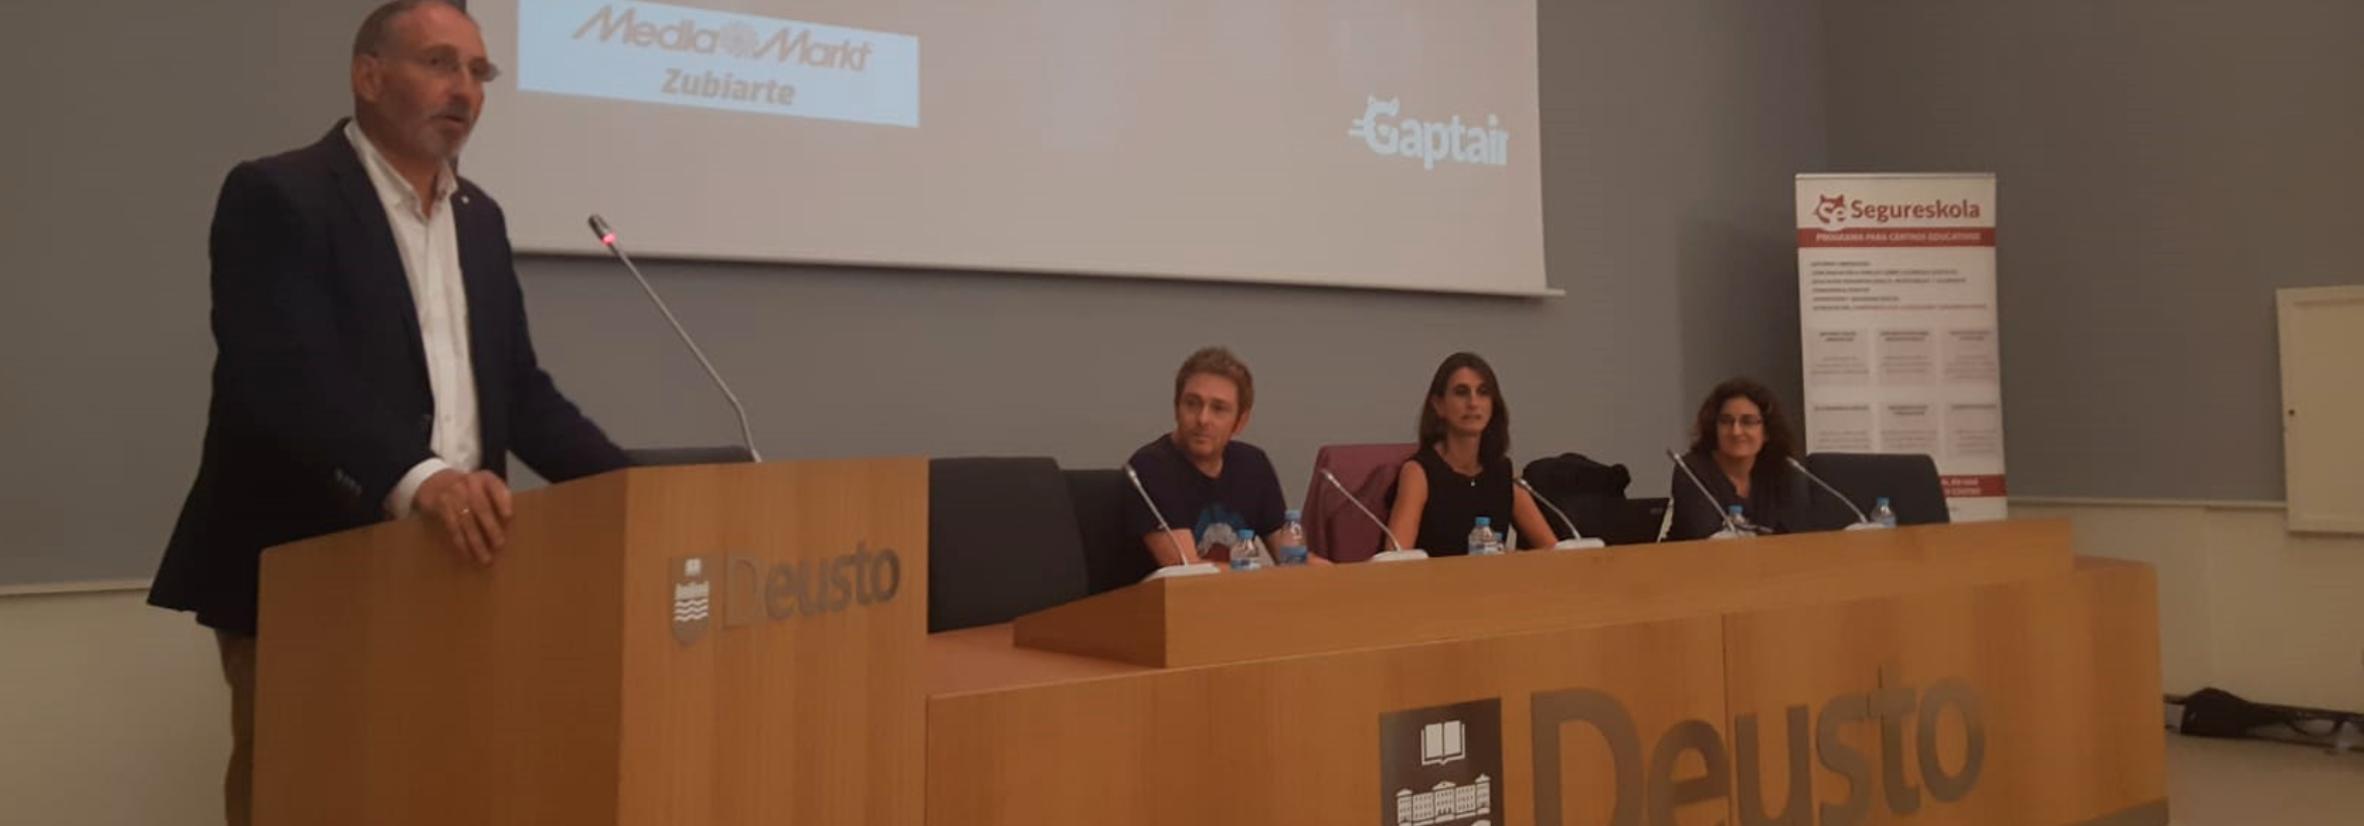 El proyecto Gaptain presenta Kids Centric y lanza el certificado digital Segureskola